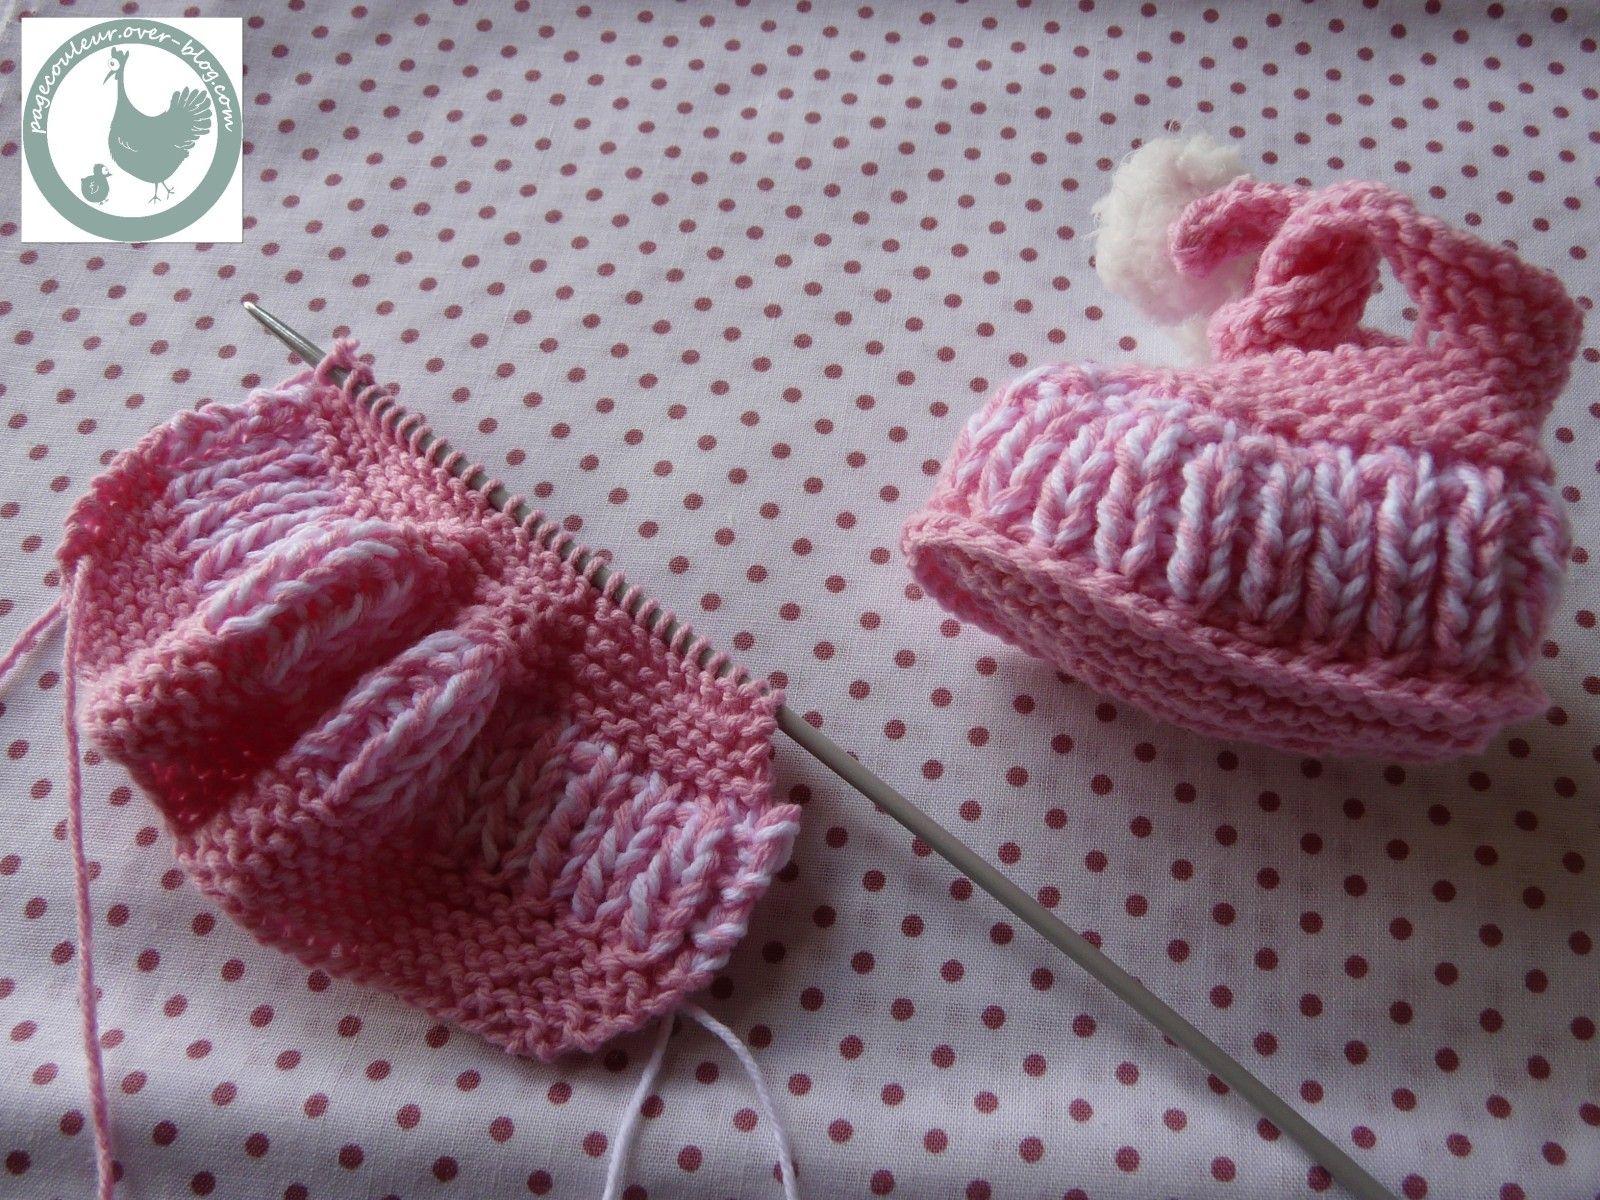 tuto chaussons naissance | Tricot, Tricot et crochet et Chaussons bébé tricot facile